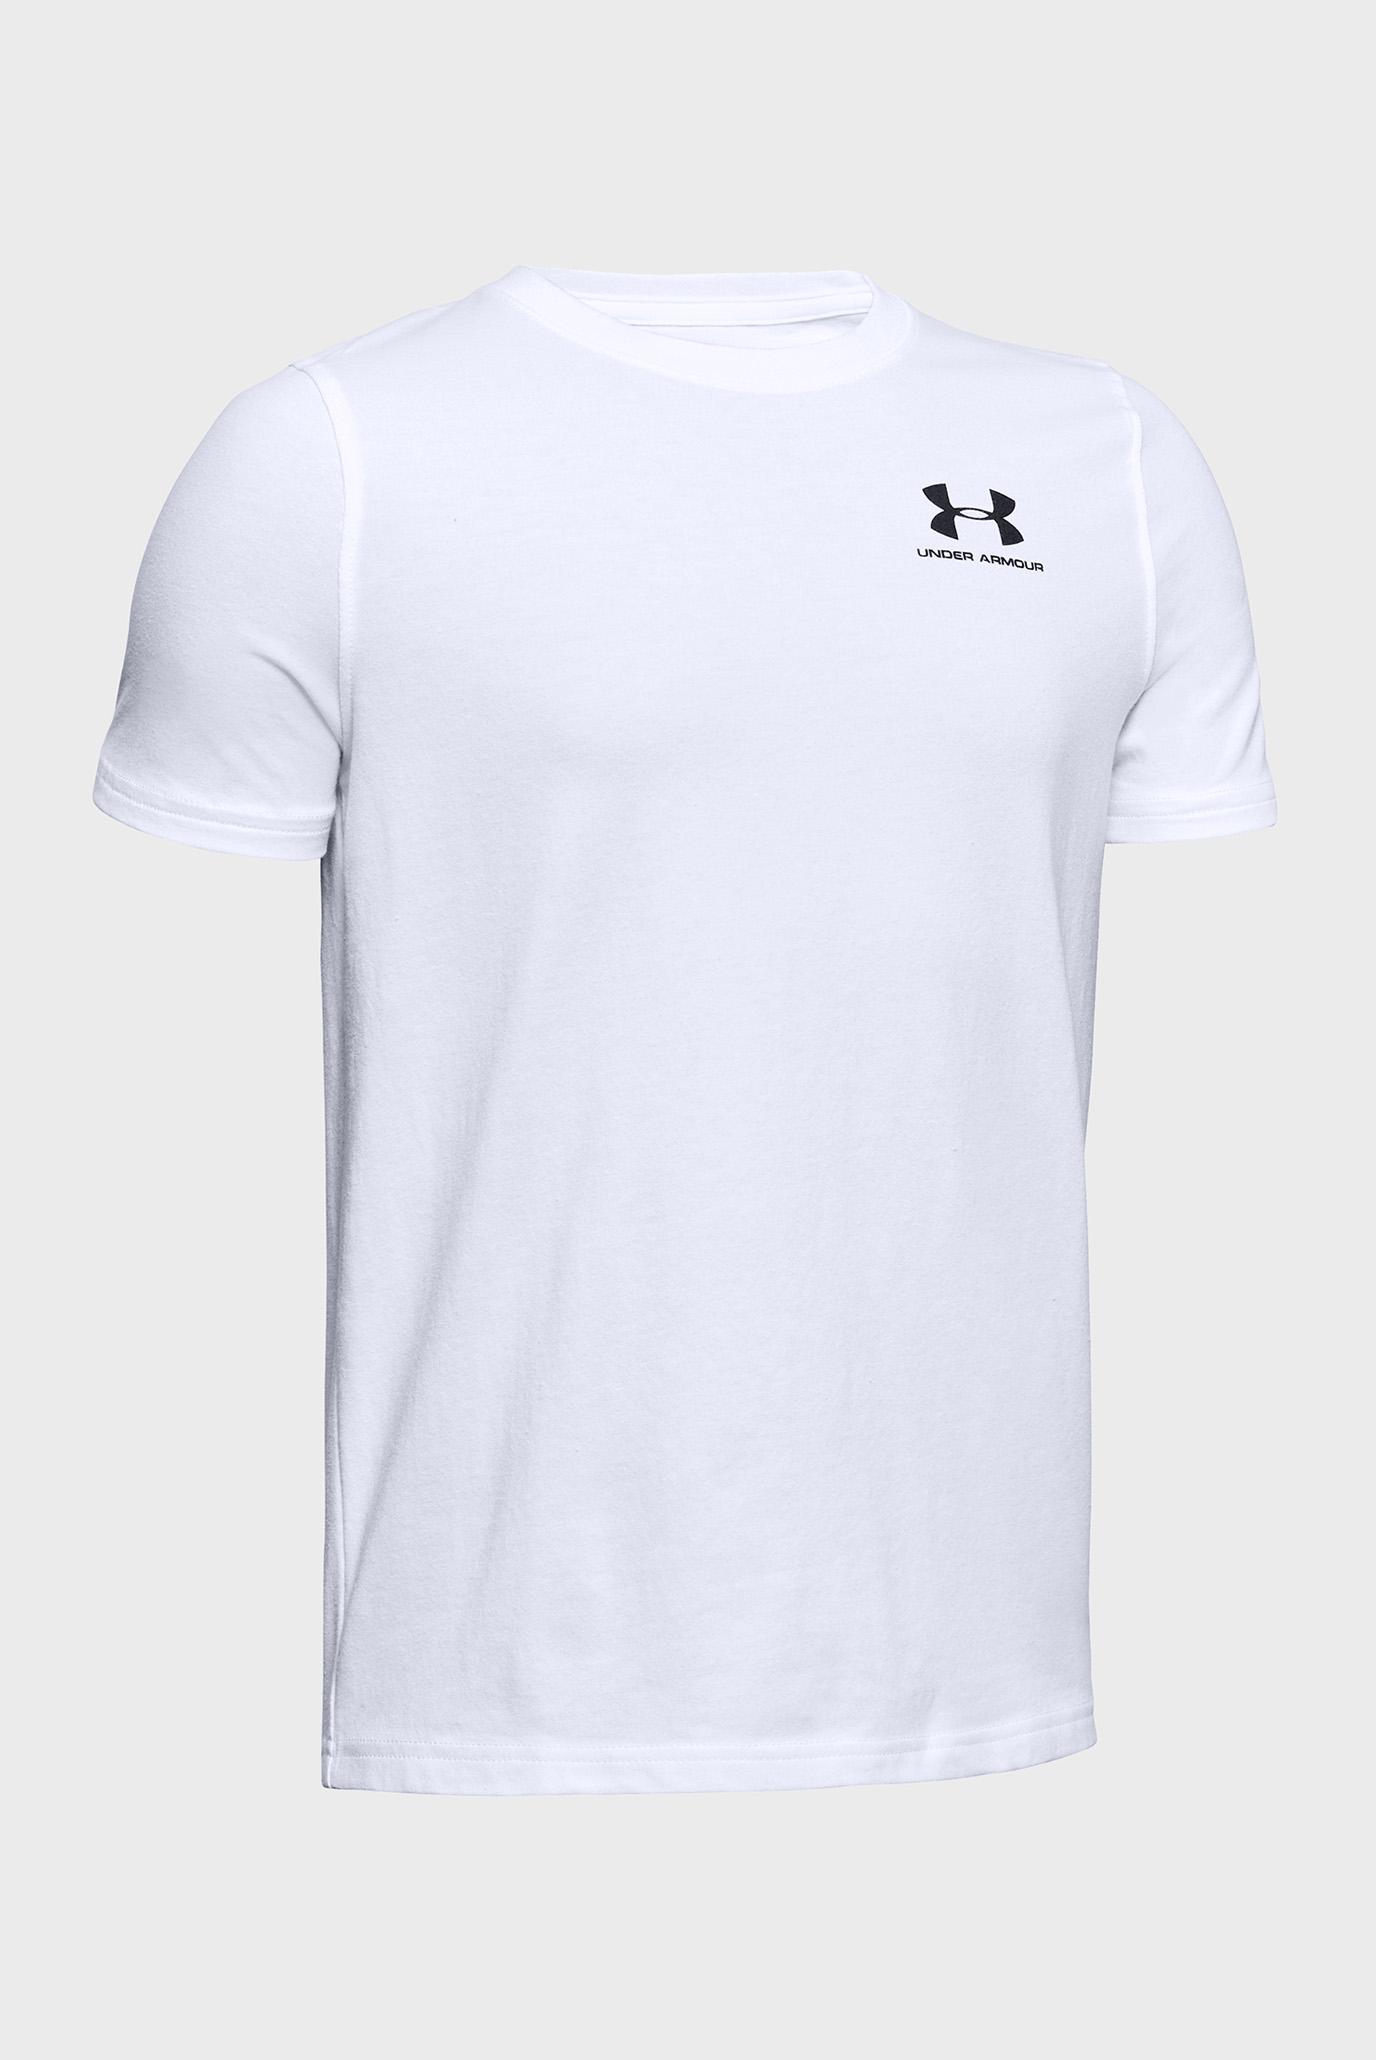 Купить Детская белая футболка UA Cotton SS Under Armour Under Armour 1347096-100 – Киев, Украина. Цены в интернет магазине MD Fashion